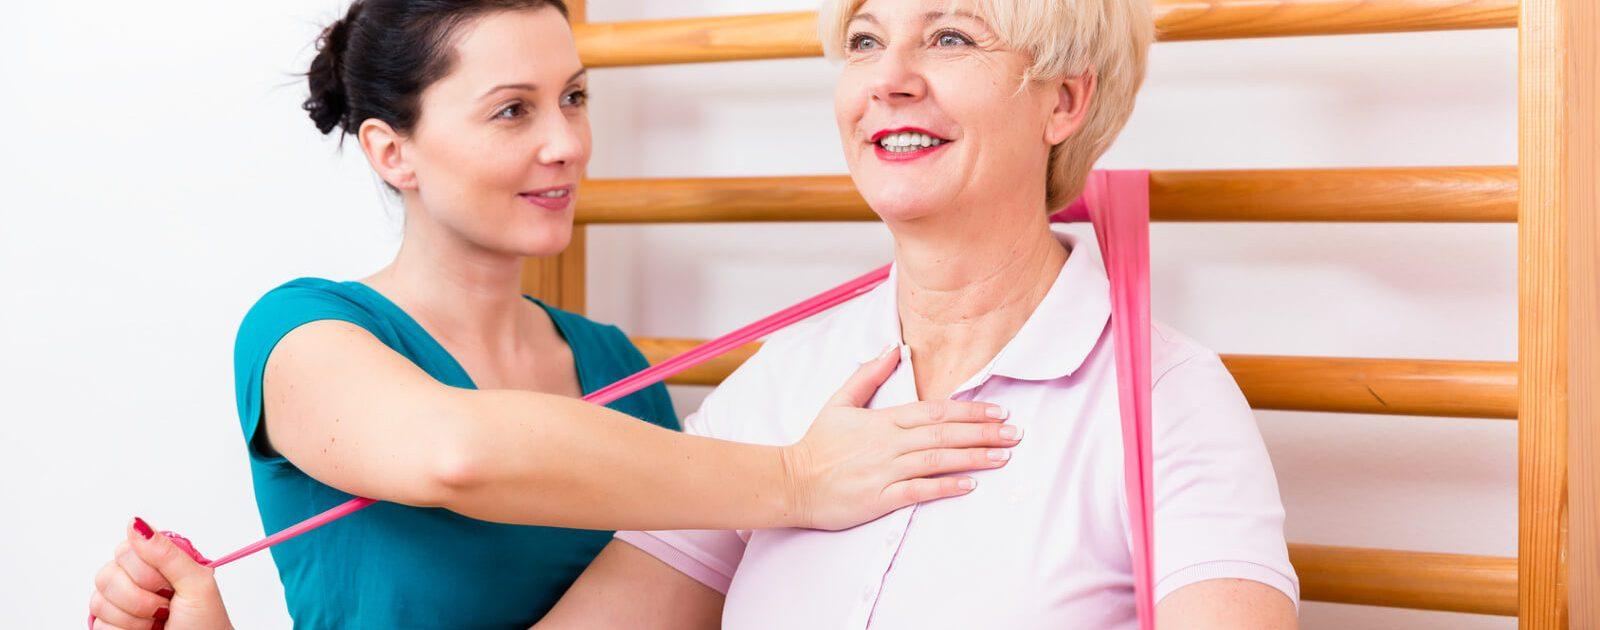 In der Physiotherapie zeigt die Therapeutin einer älteren Frau mit Rückenschmerzen, wie sie die Übung korrekt ausführt.